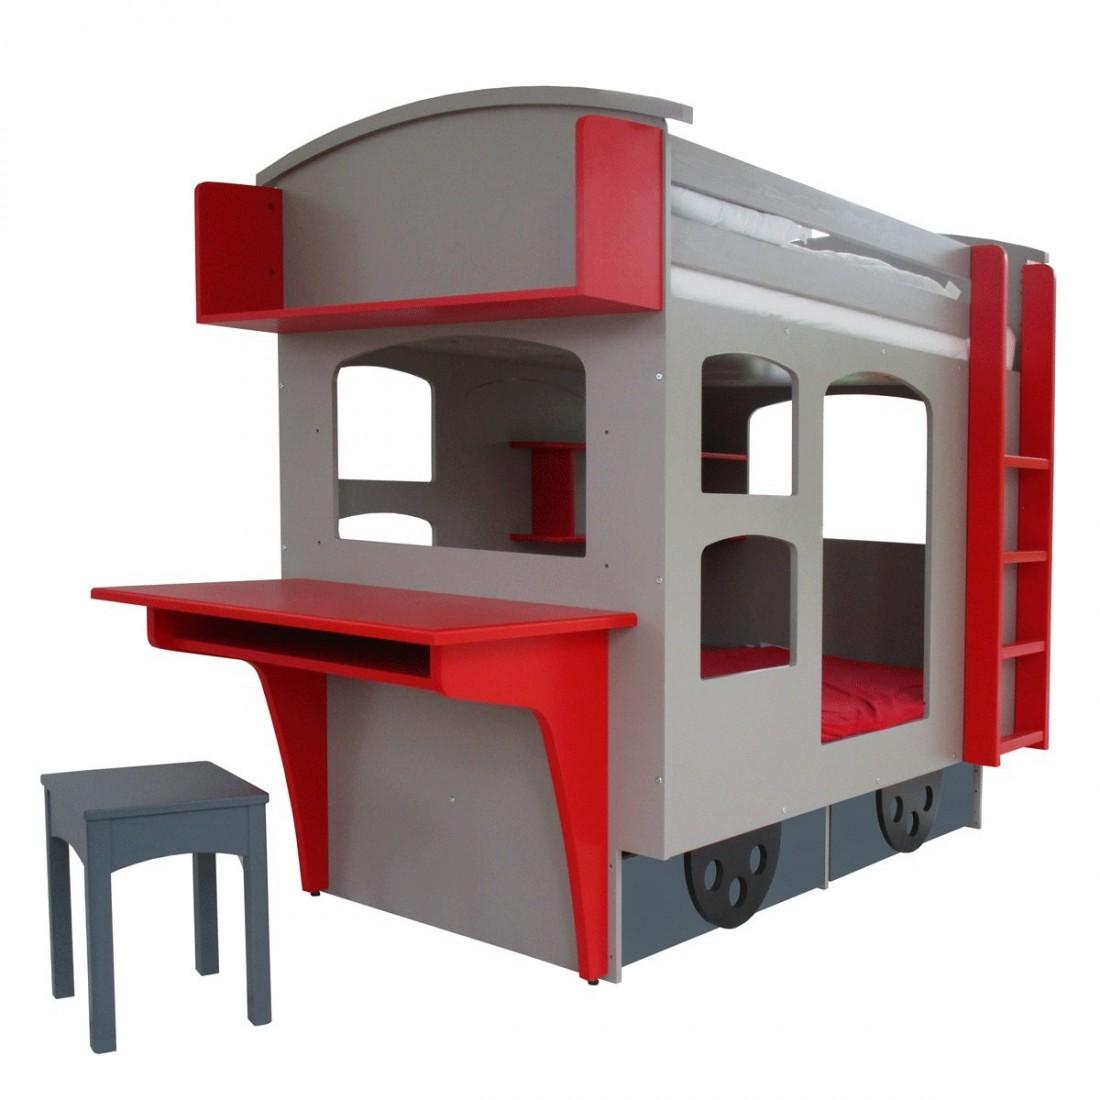 lit superpos cabane train wagon couleurs au choix ma. Black Bedroom Furniture Sets. Home Design Ideas